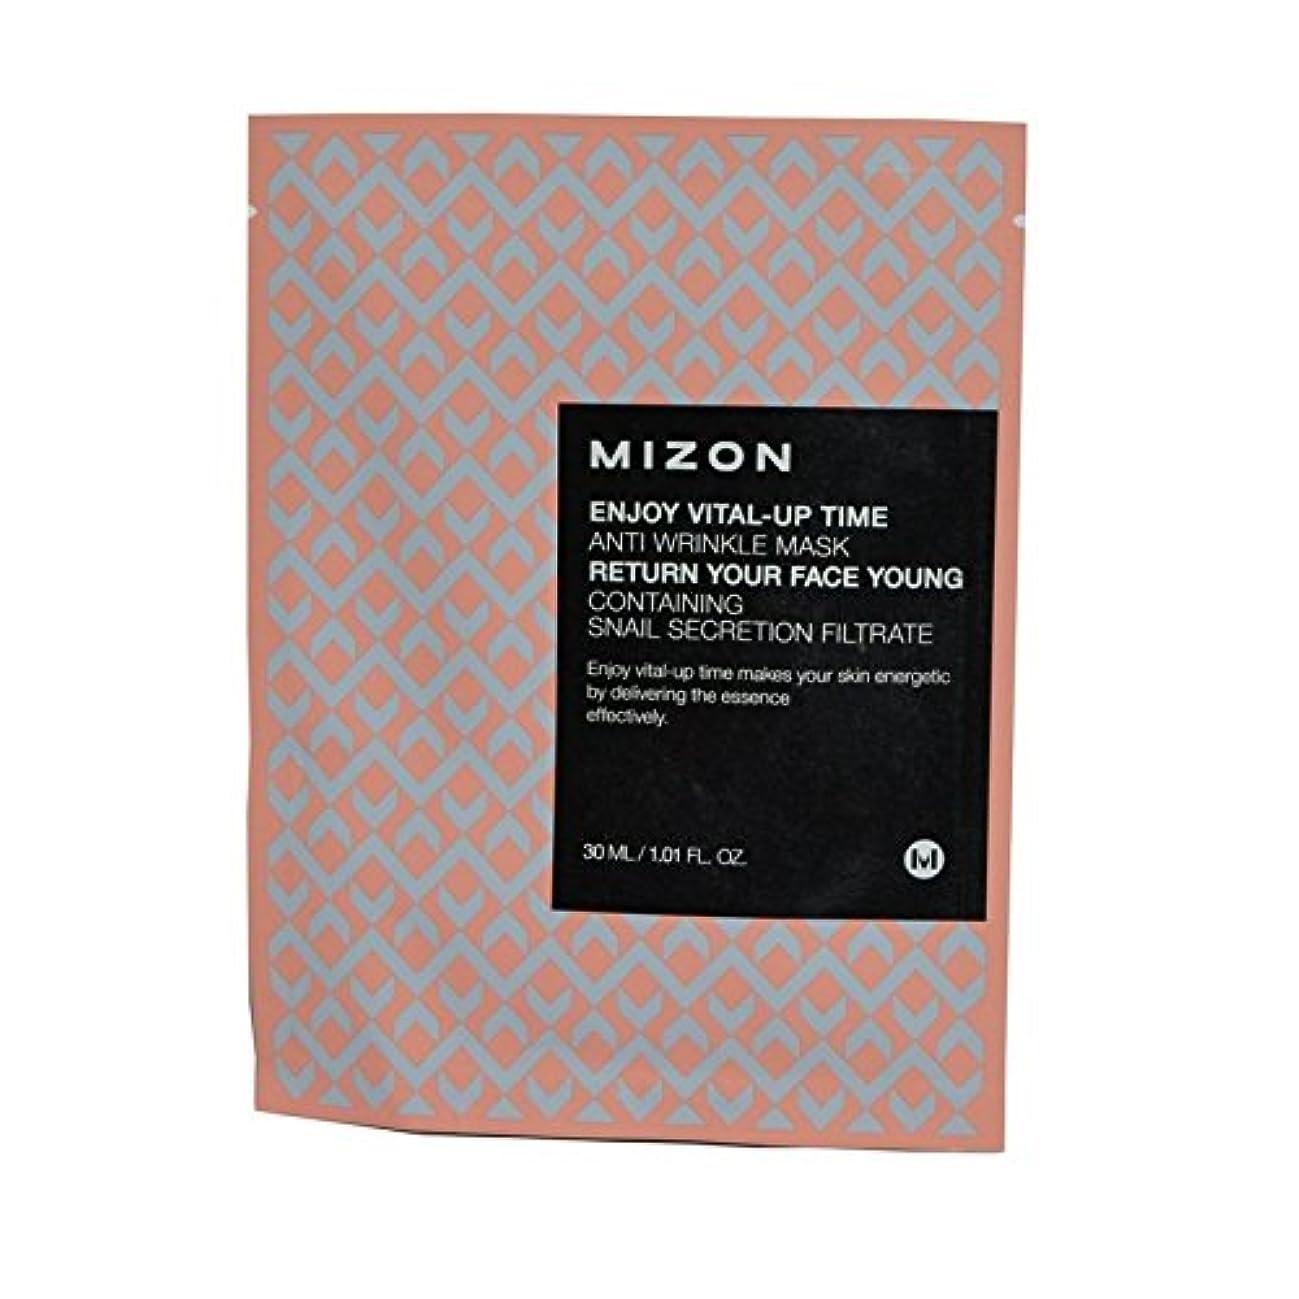 意図的動的ツーリストが不可欠アップ時間抗しわマスクを楽しみます x2 - Mizon Enjoy Vital Up Time Anti-Wrinkle Mask (Pack of 2) [並行輸入品]